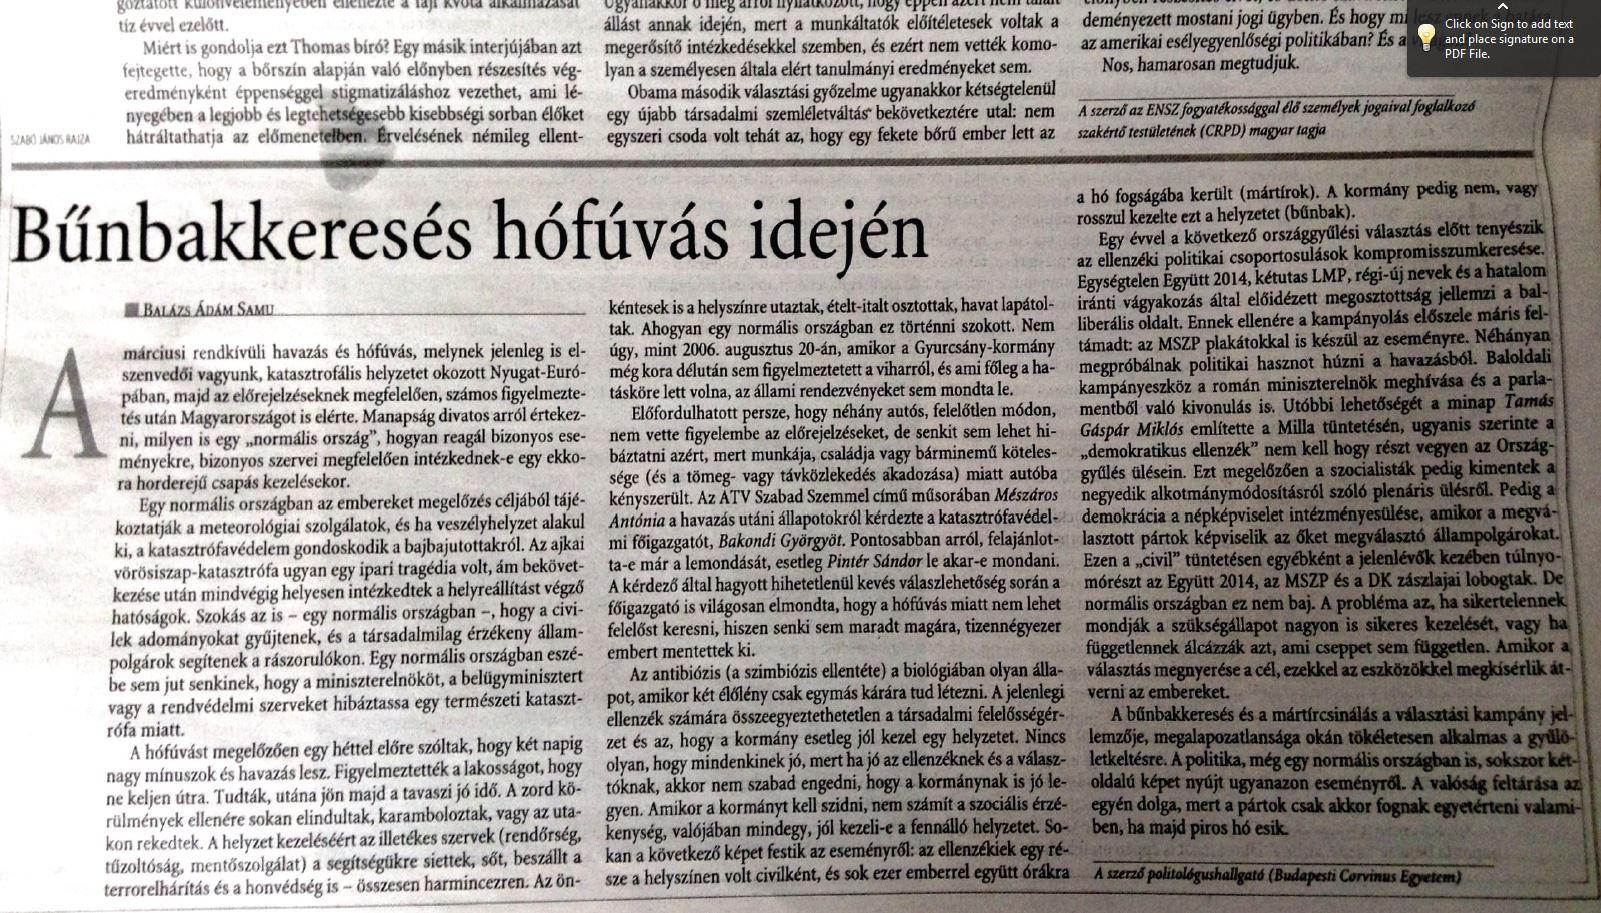 Bűnbakkeresés hófúvás idején, Magyar Nemzet 2013.03.07, 6.o. Vélemény.JPG